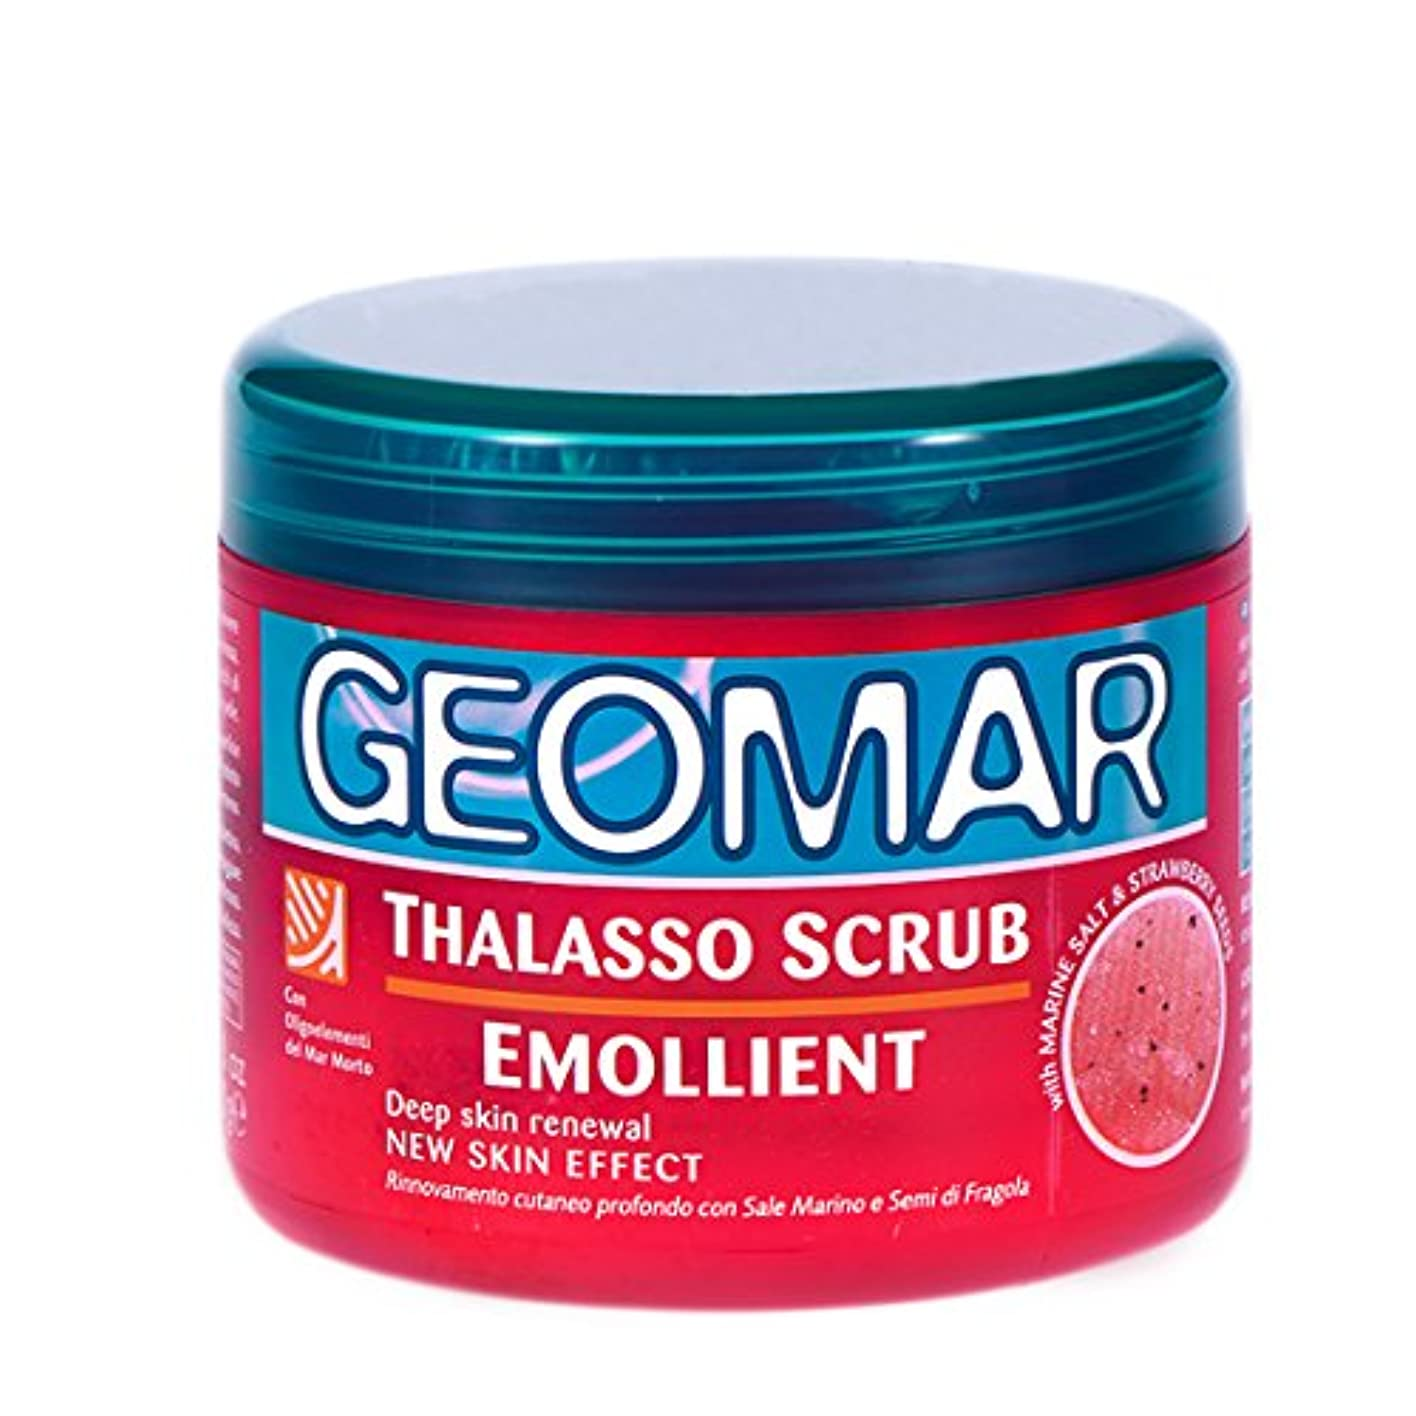 立方体ショップ分析ジェオマール タラソスクラブ エモリエン #ストロベリー 600g(並行輸入品)